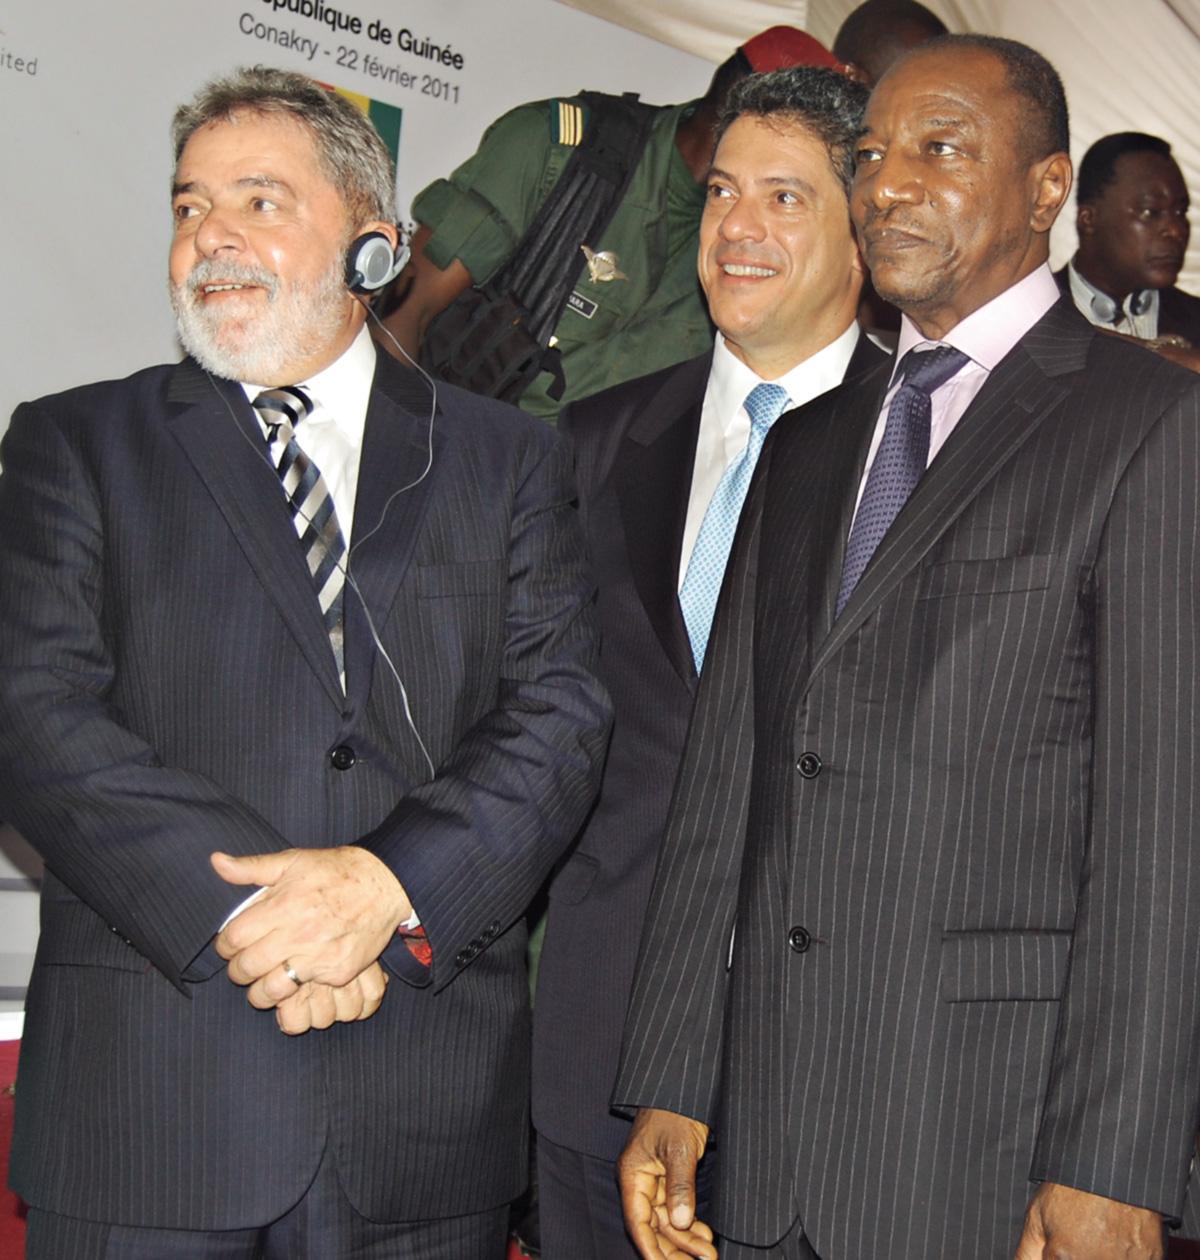 Agnelli levou Lula à Guiné no início de 2011 para convencer o presidente Condé a manter o projeto da Vale; o contrato para entrar no país foi uma das razões da queda de Agnelli, logo depois